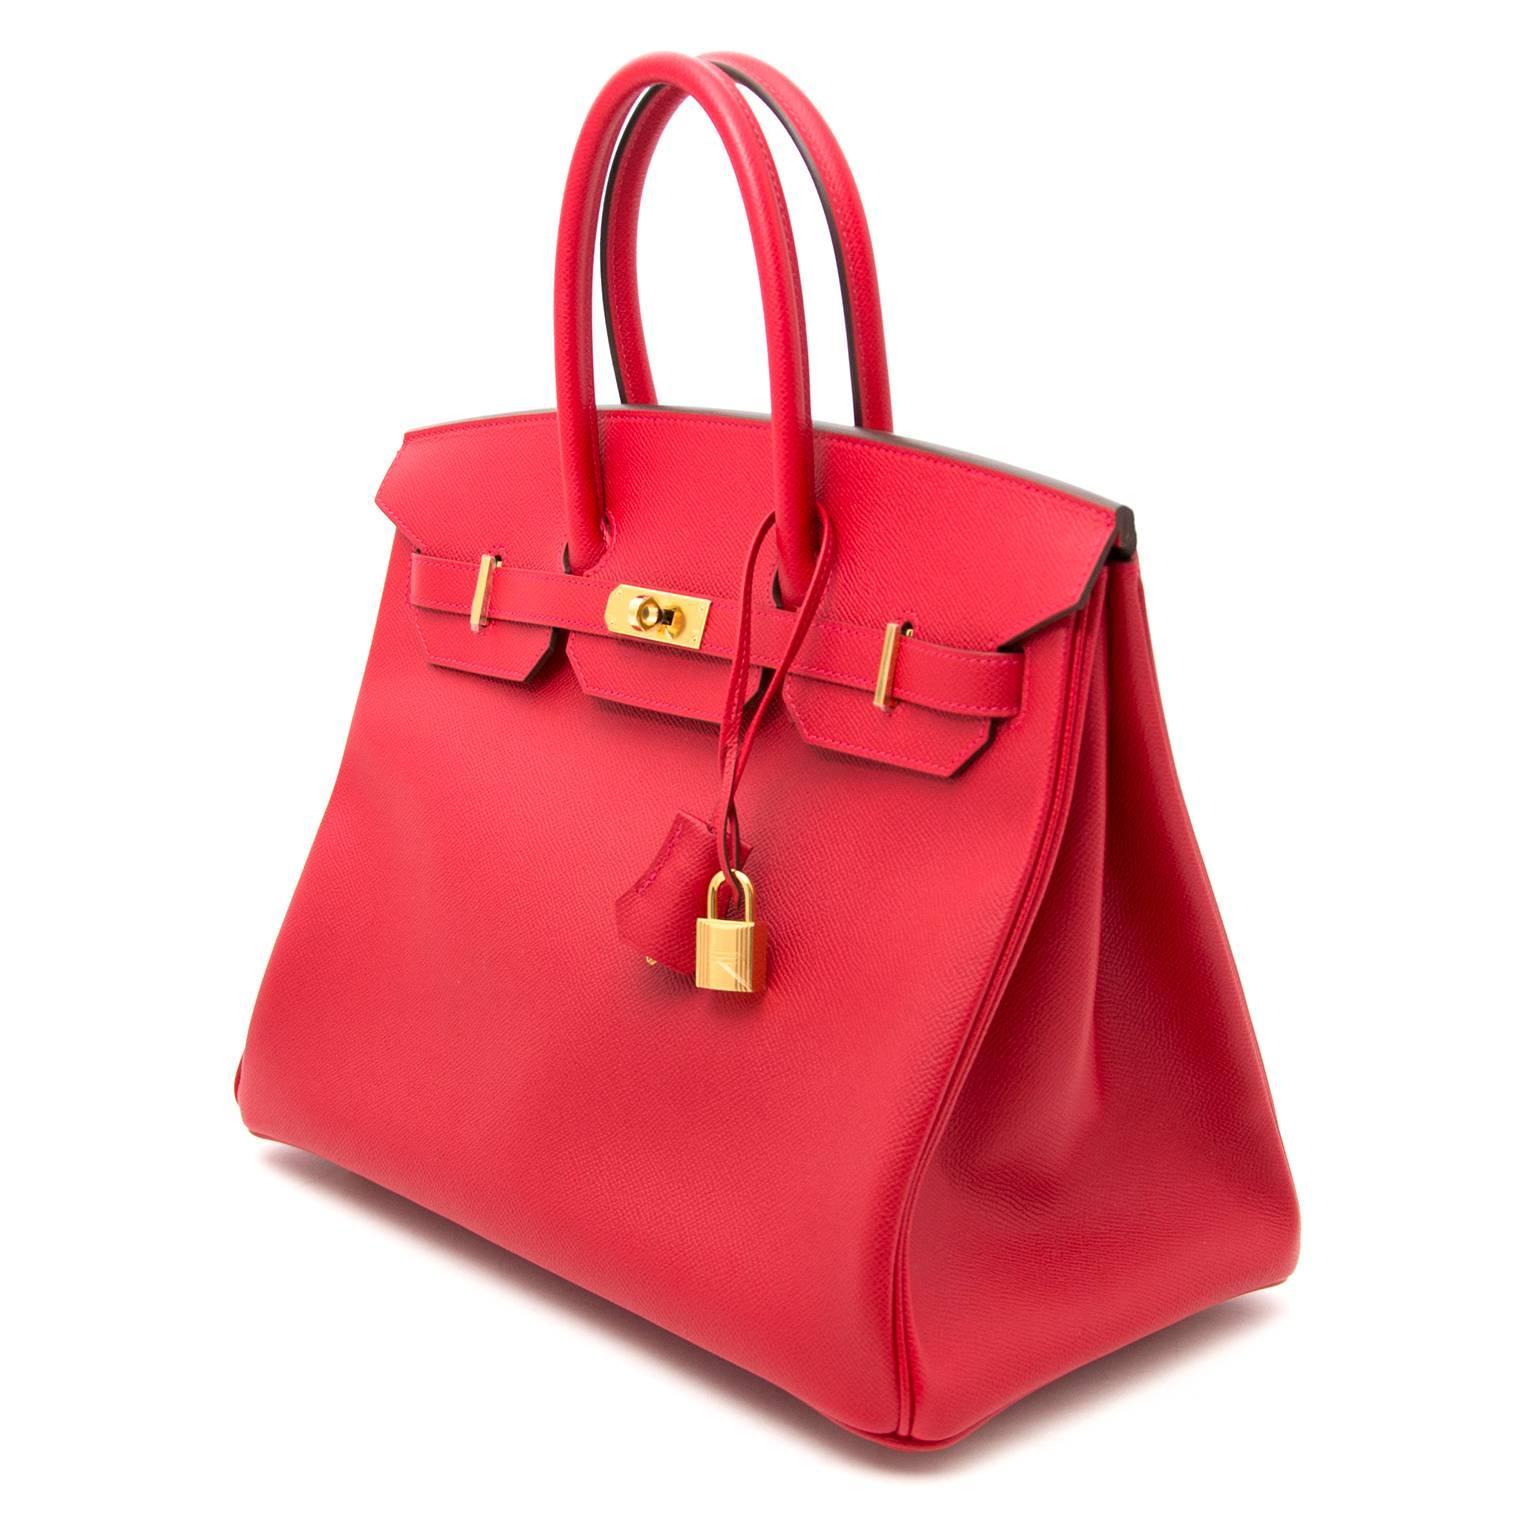 924ea4798c Brand New Hermes Birkin 35 Rouge Casaque Epsom GHW at 1stdibs